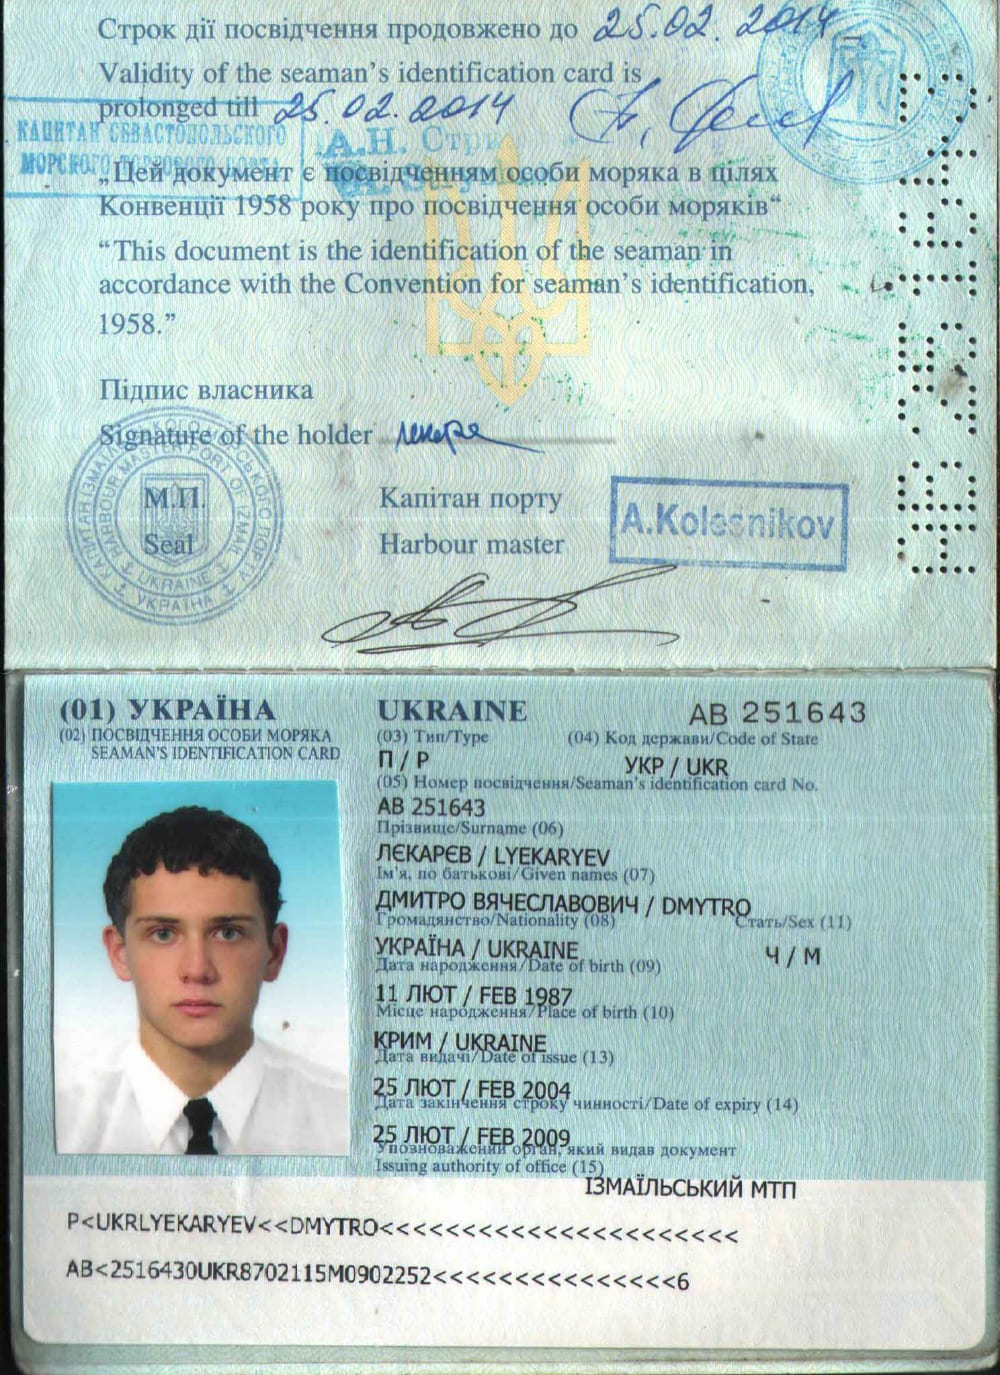 Удостоверение личности украинского образца